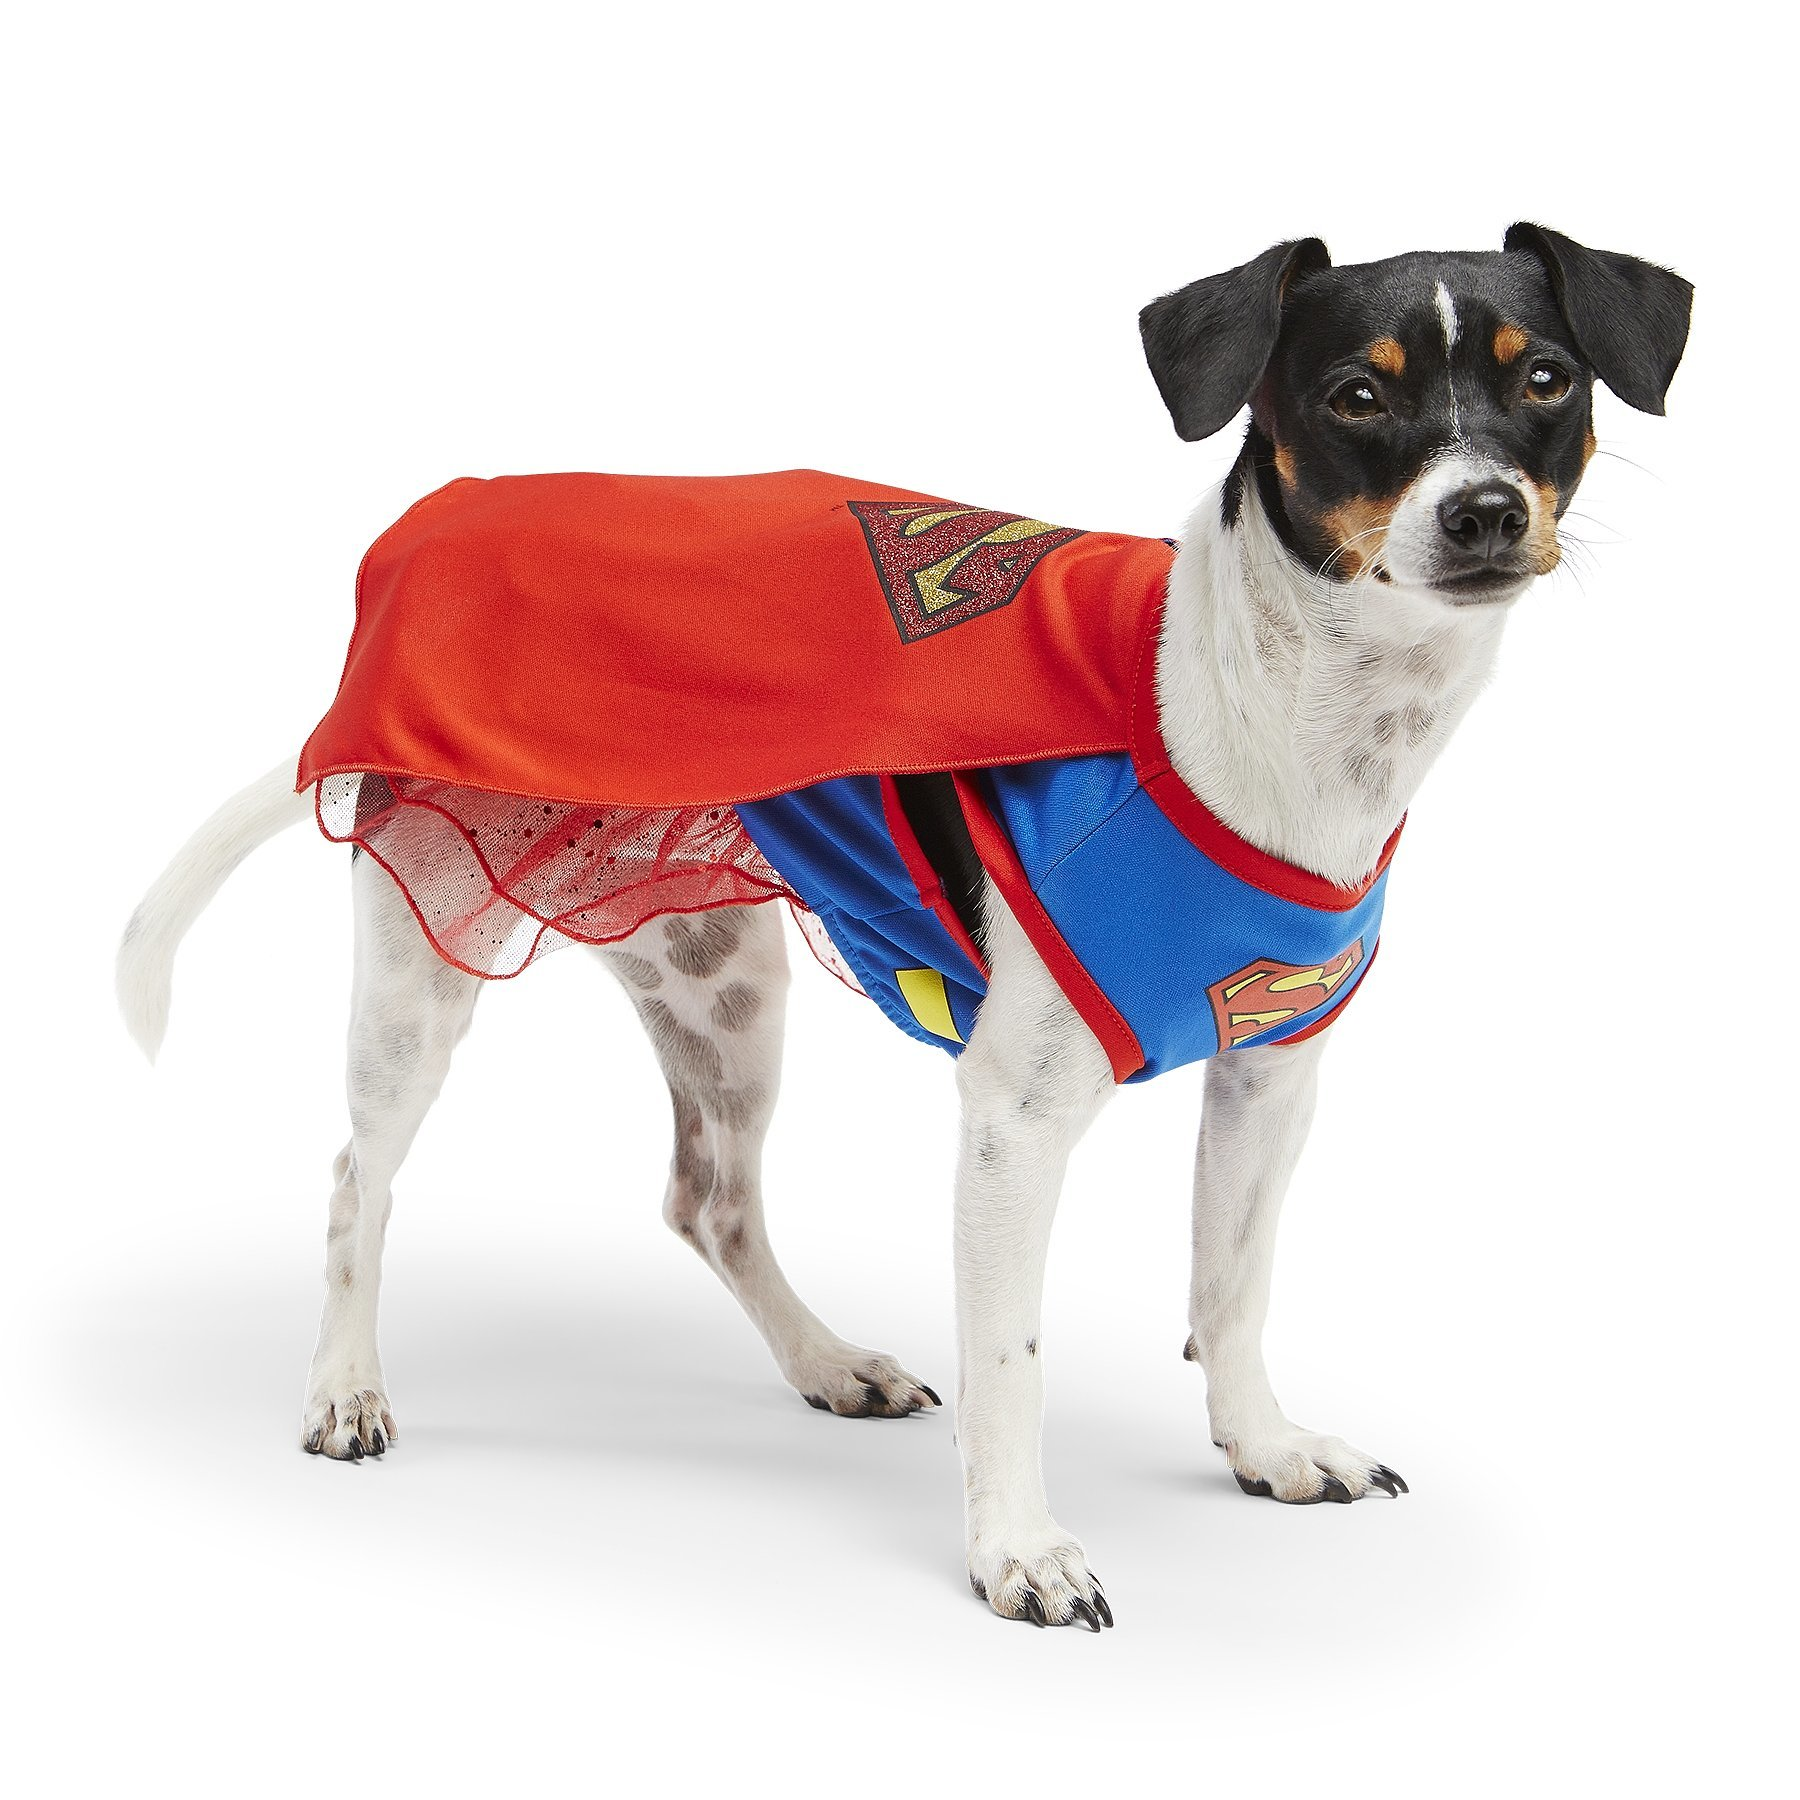 Supergirl Avengers Assemble We Ve Got All The Superhero